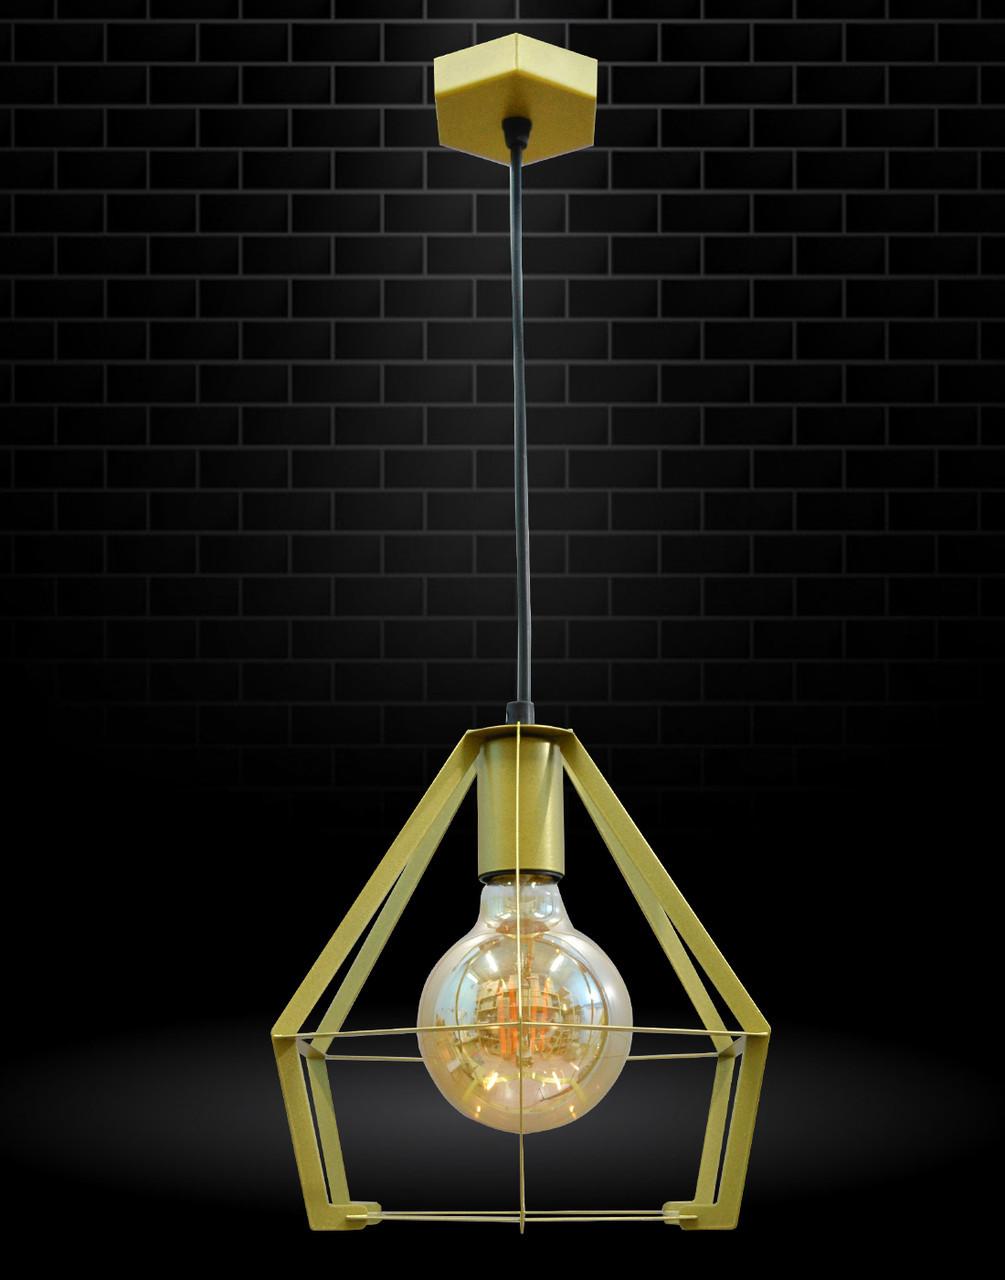 Светильник подвесной в стиле лофт NL 0637 G MSK Electric